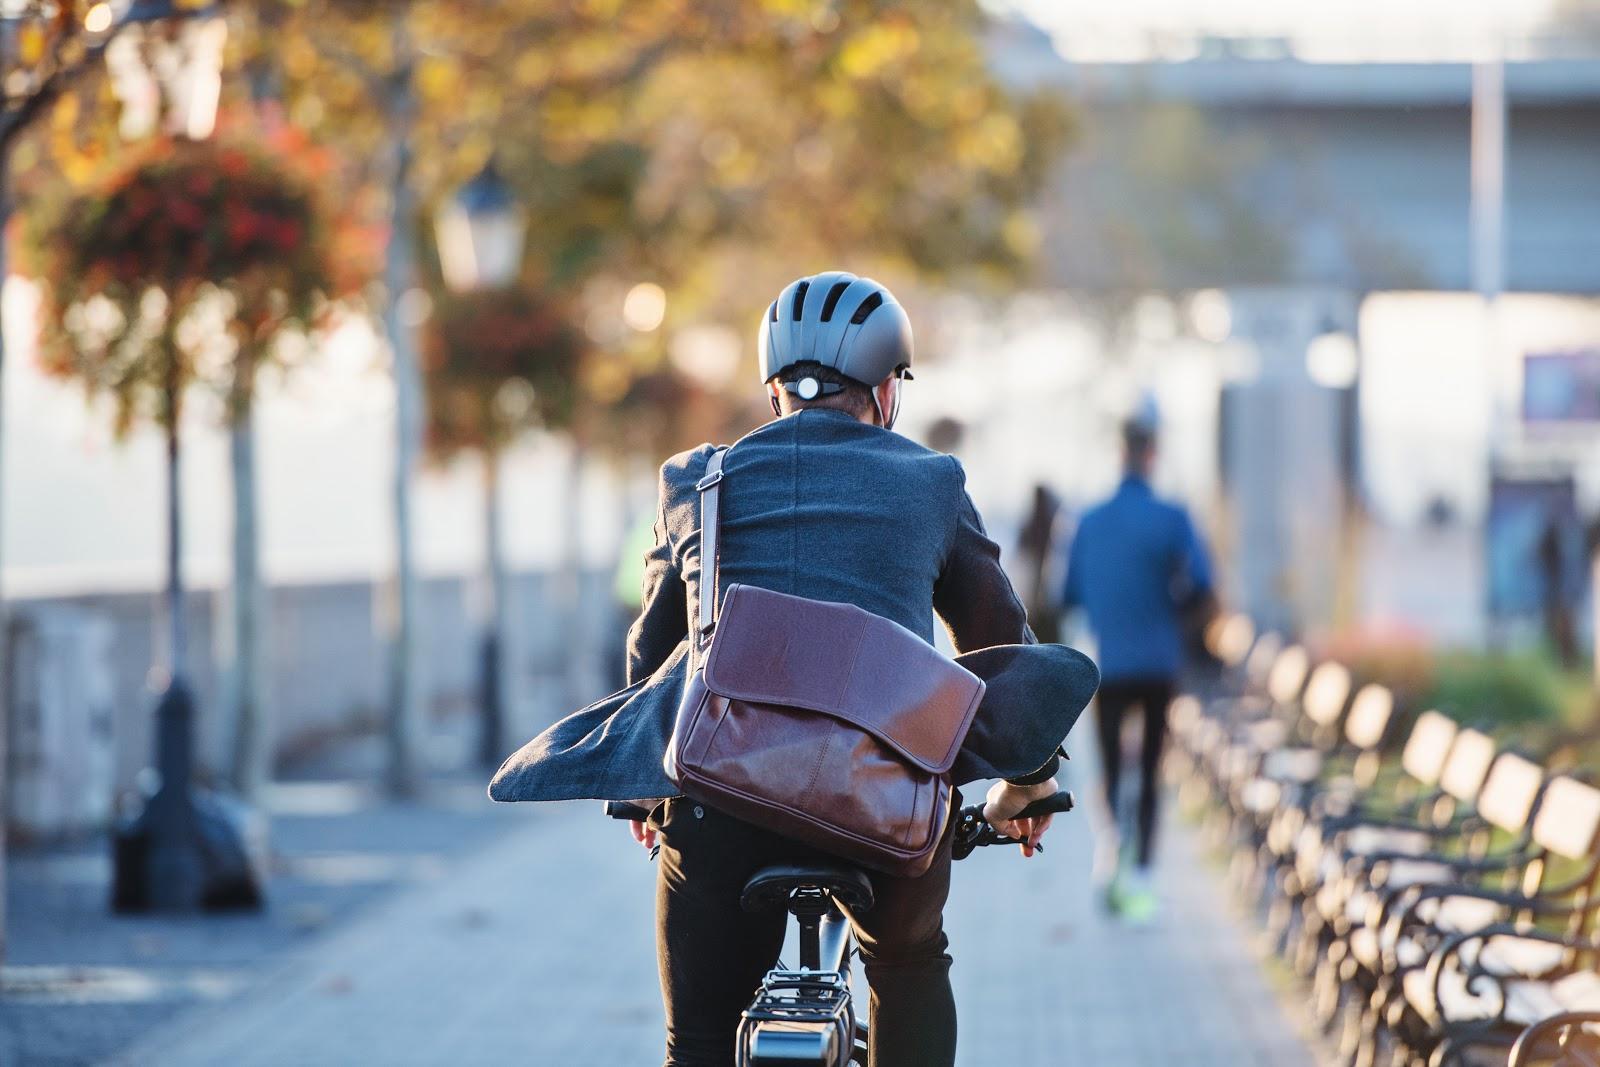 Homem andando de bicicleta com capacete e bolsa